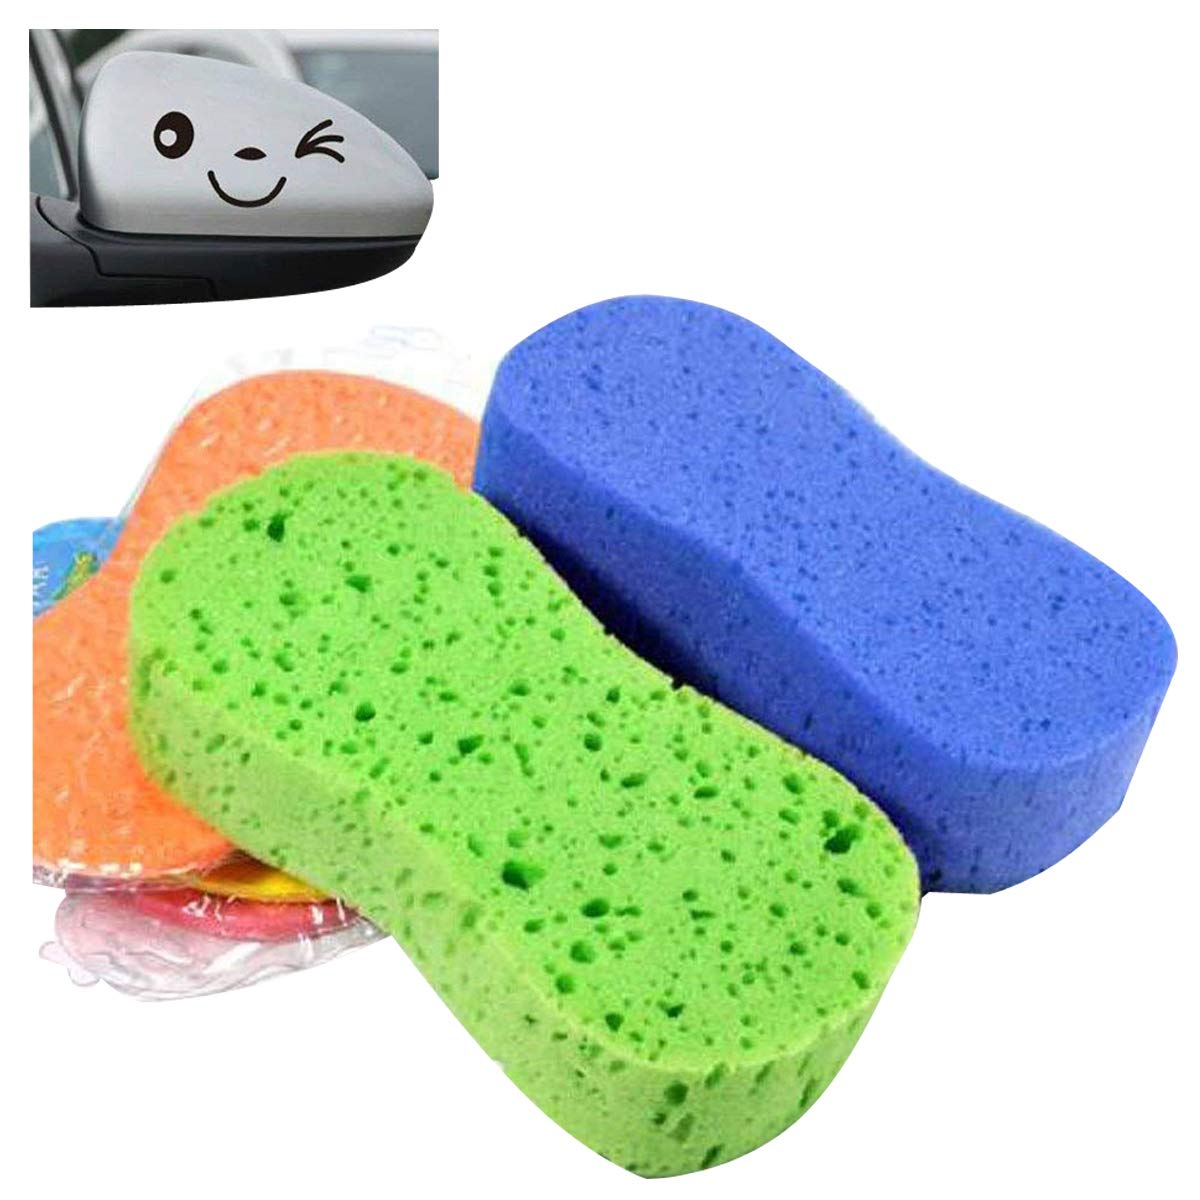 é ponge de nettoyage, durable et super-absorbant, outils de lavage pour voiture, 3 é ponges de nettoyage-couleur alé atoire 3 éponges de nettoyage-couleur aléatoire SwirlColor